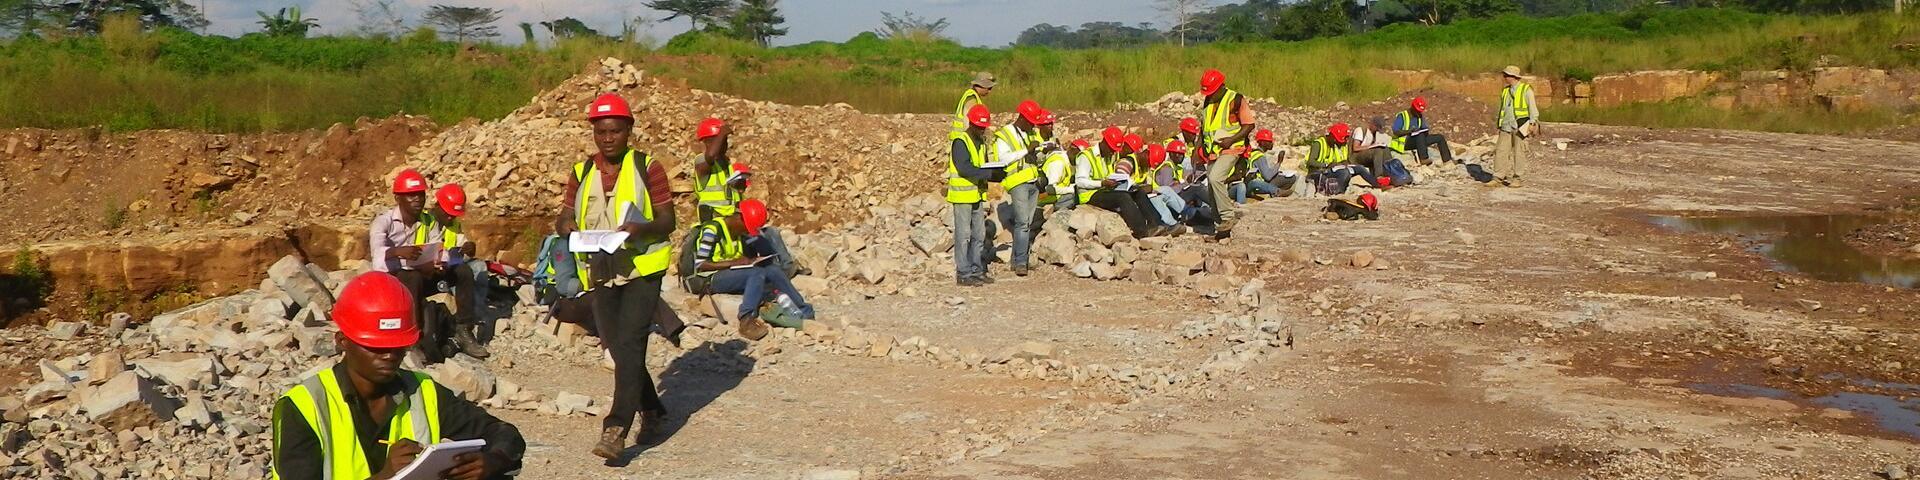 Étudiants effectuant des relevés pour la carte géologique, République du Congo